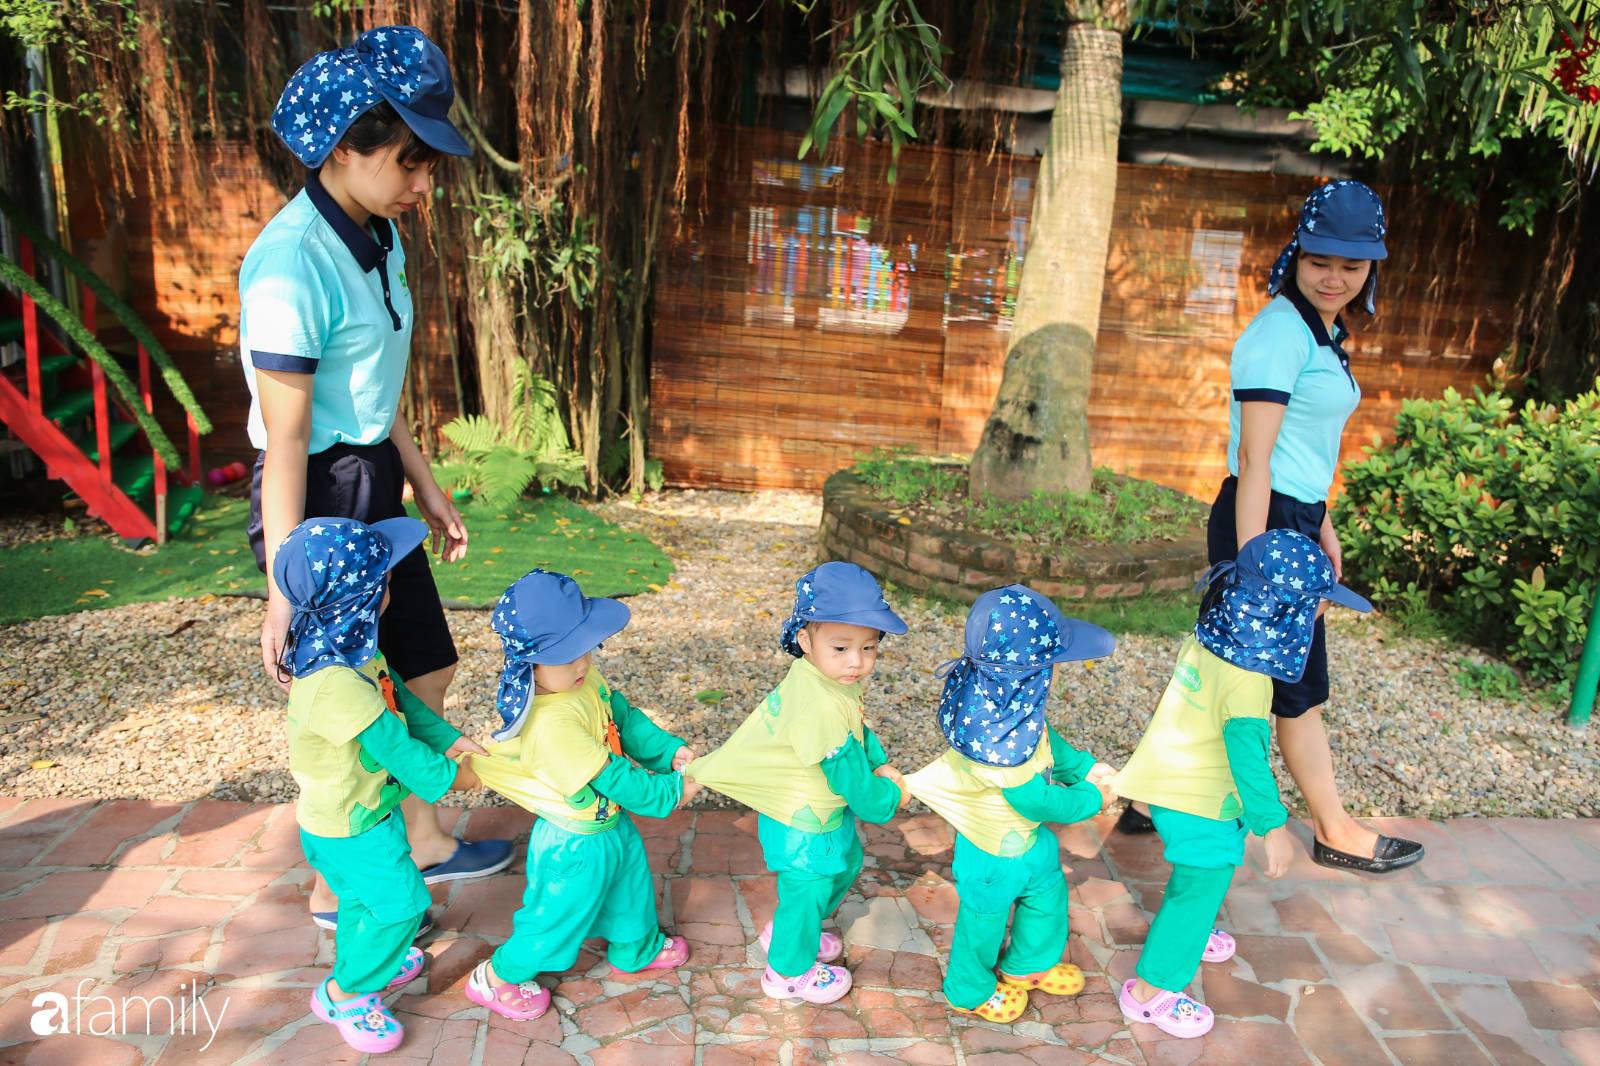 Ghé thăm trường mầm non sinh thái đầu tiên tại Hà Nội, nơi các con tự khám phá cuộc sống bằng tất cả giác quan - Ảnh 7.